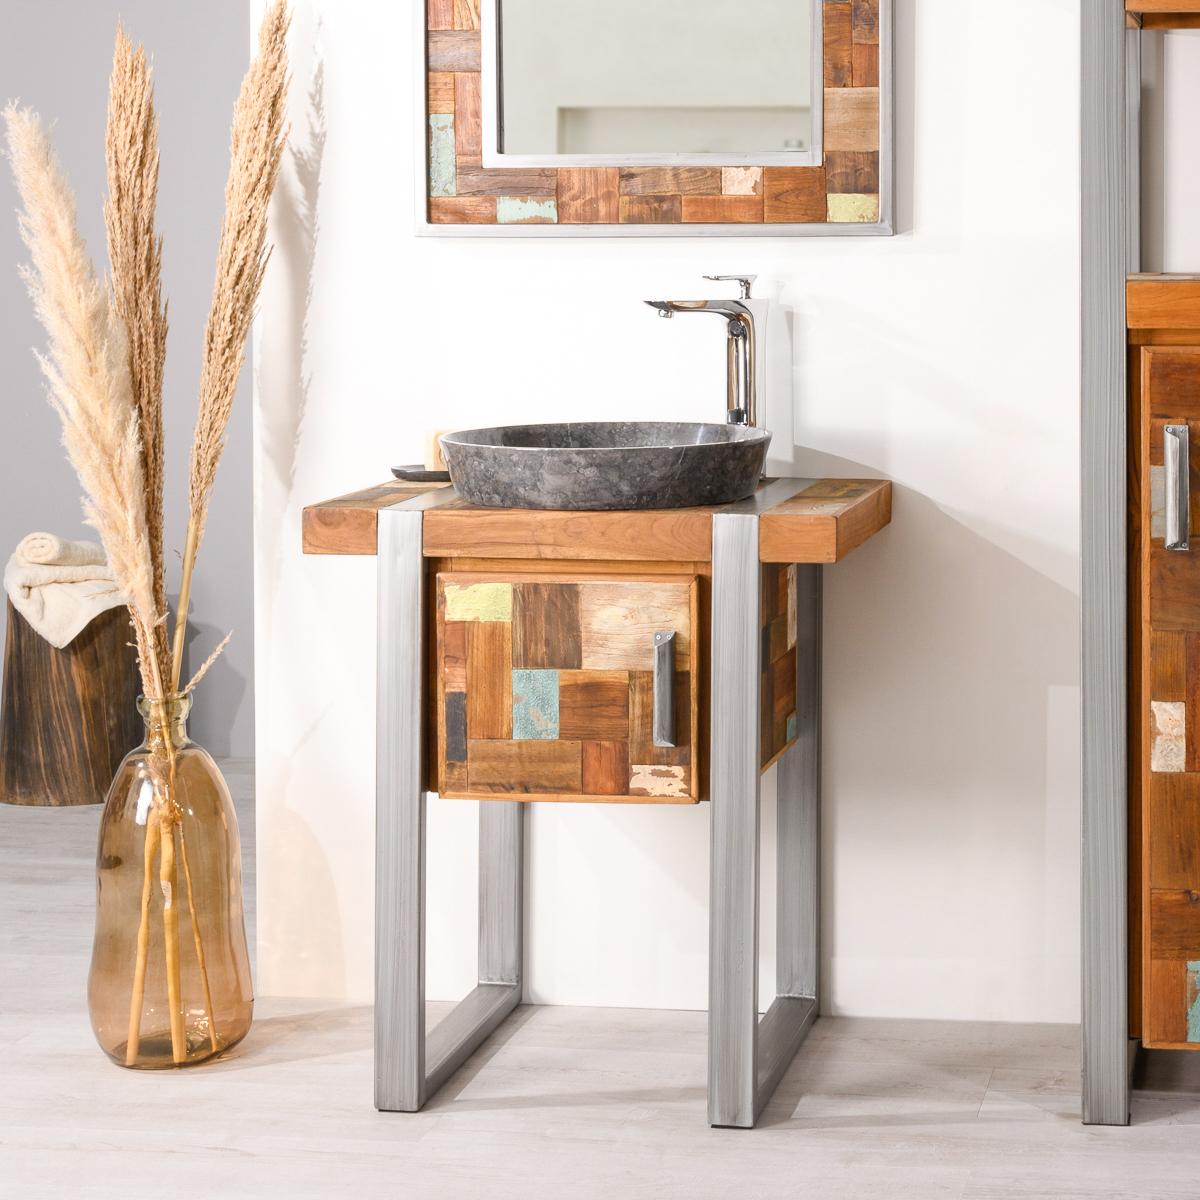 Salle De Bain Industrielle meuble de salle de bain factory teck métal 70 cm